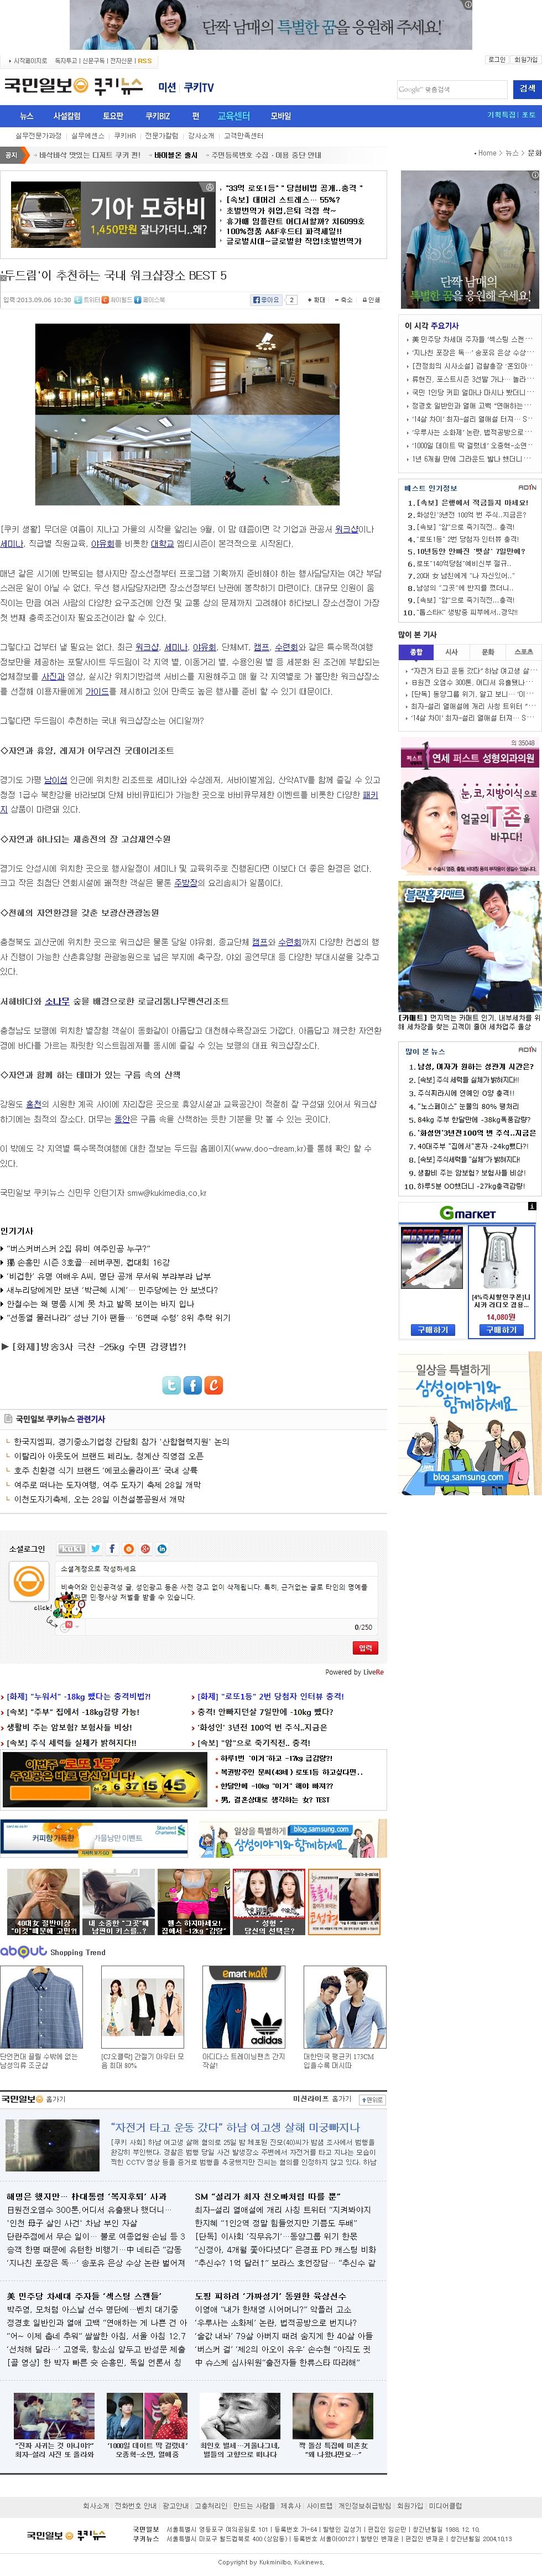 국민일보 기사.jpg